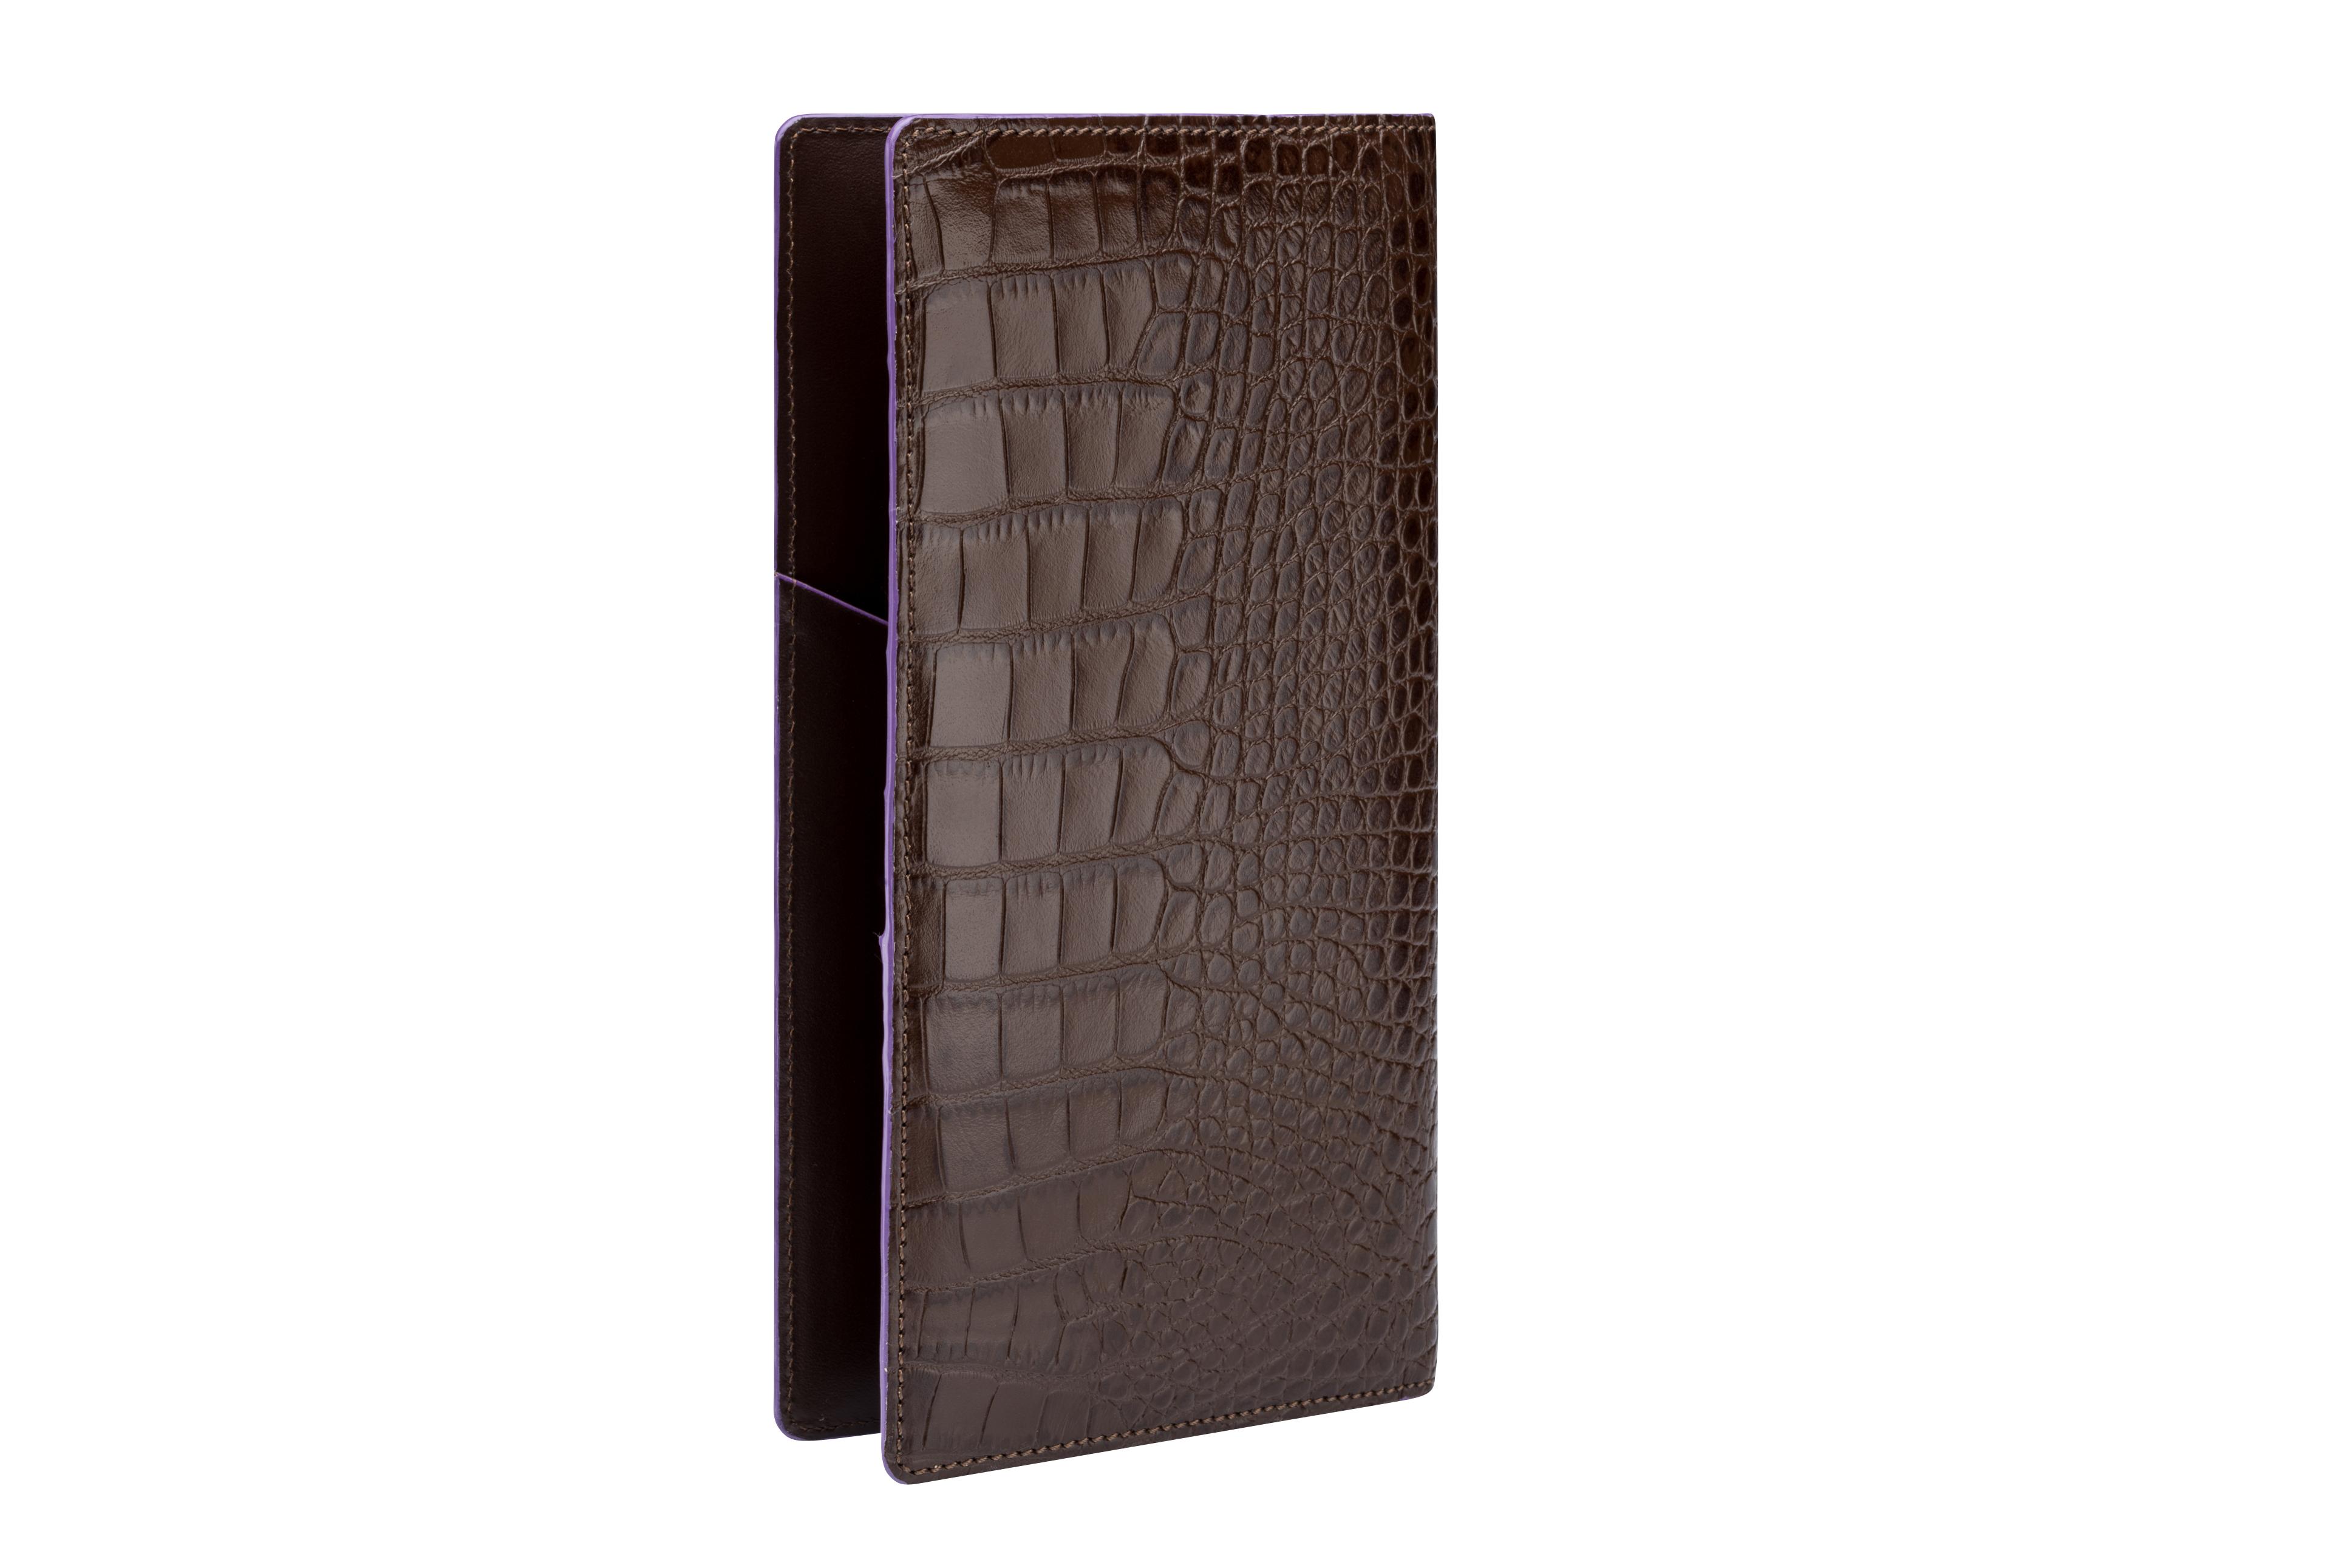 Vanderbilt NY Unisex Lange Brieftasche Braun Leder Geldbörse Geldbörse Geldbörse Portemonnaie | Sale Outlet  27af55